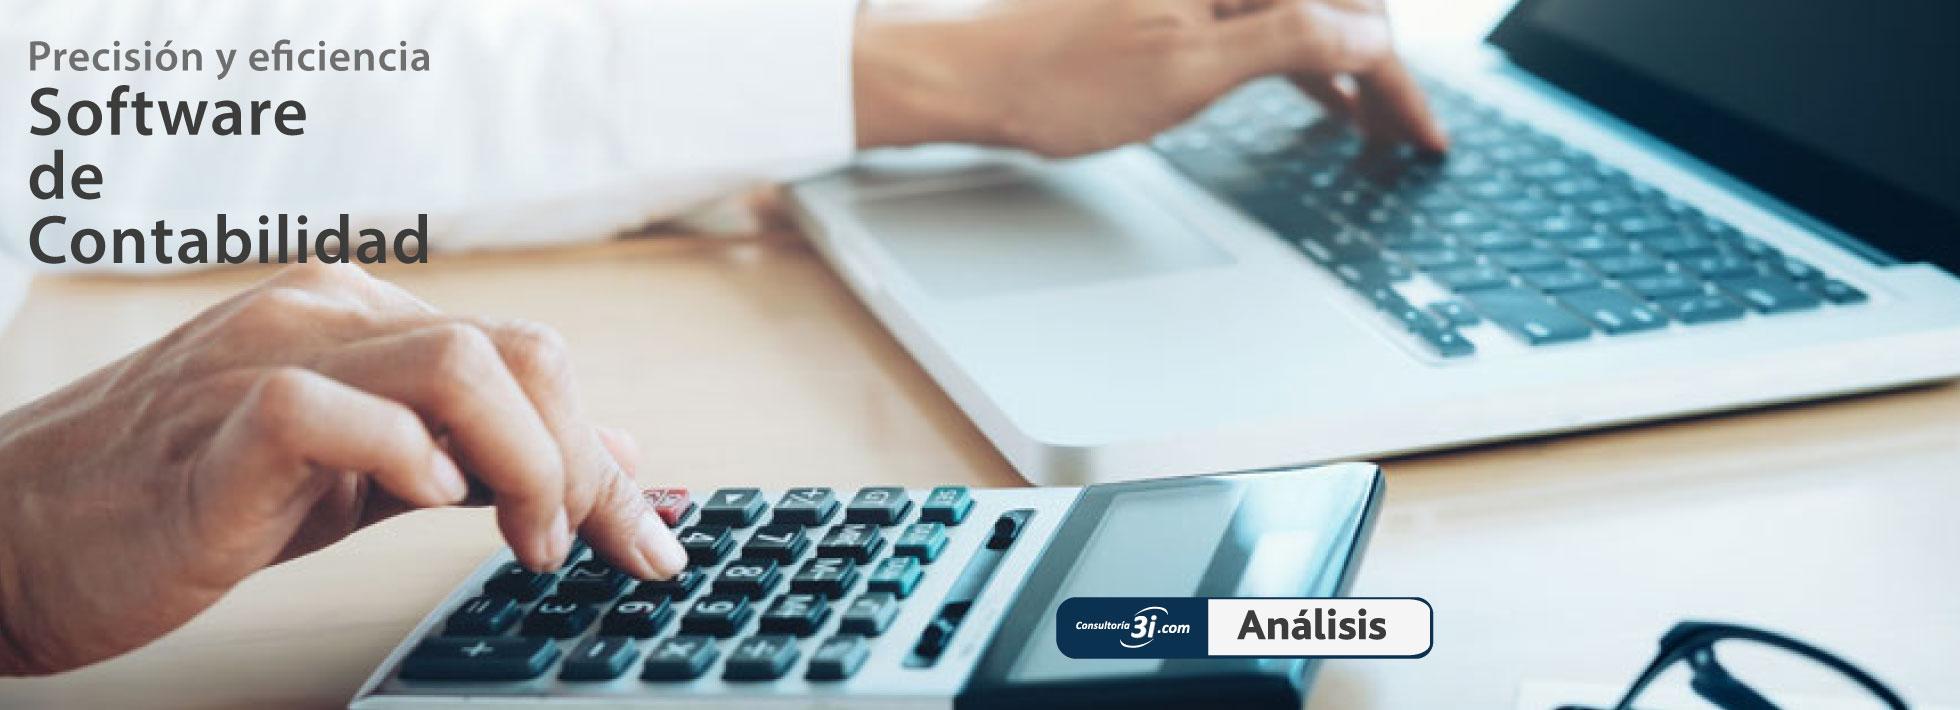 Software contabilidad precisión eficiencia